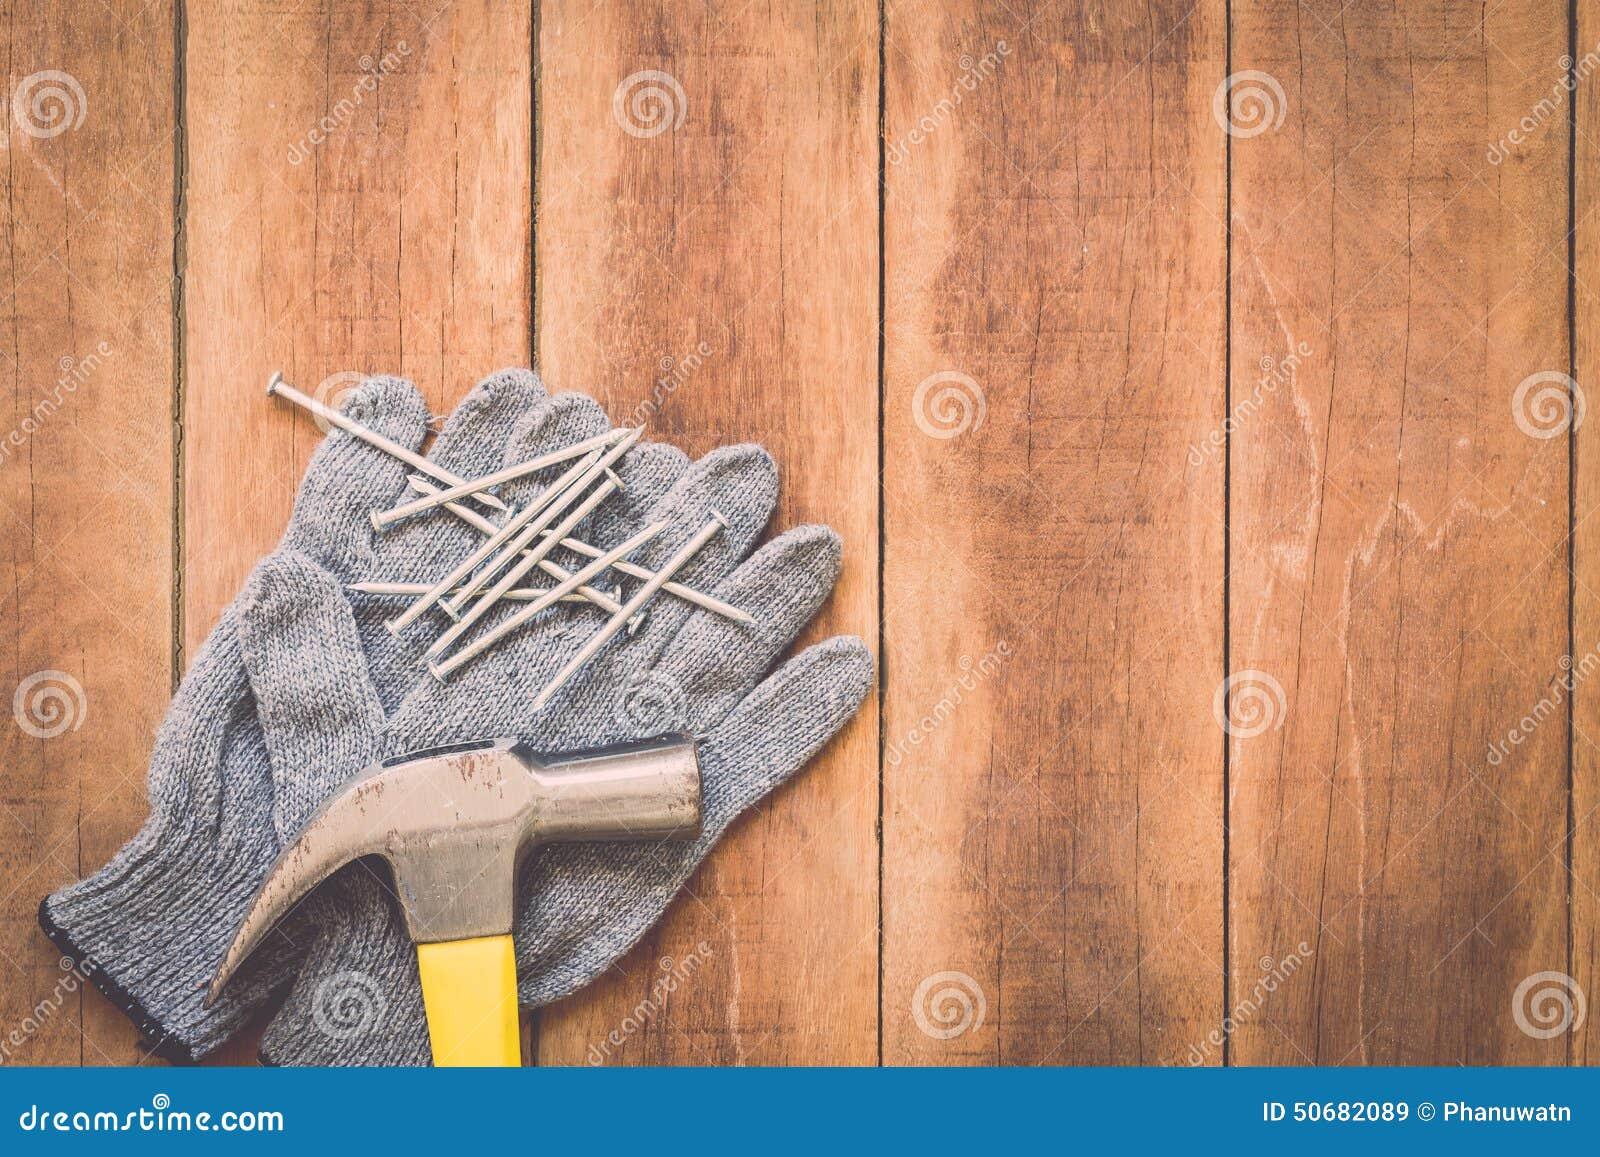 Download 在木头的被分类的工作工具 库存图片. 图片 包括有 行业, 对象, 钳子, 材料, brusher, 地板 - 50682089